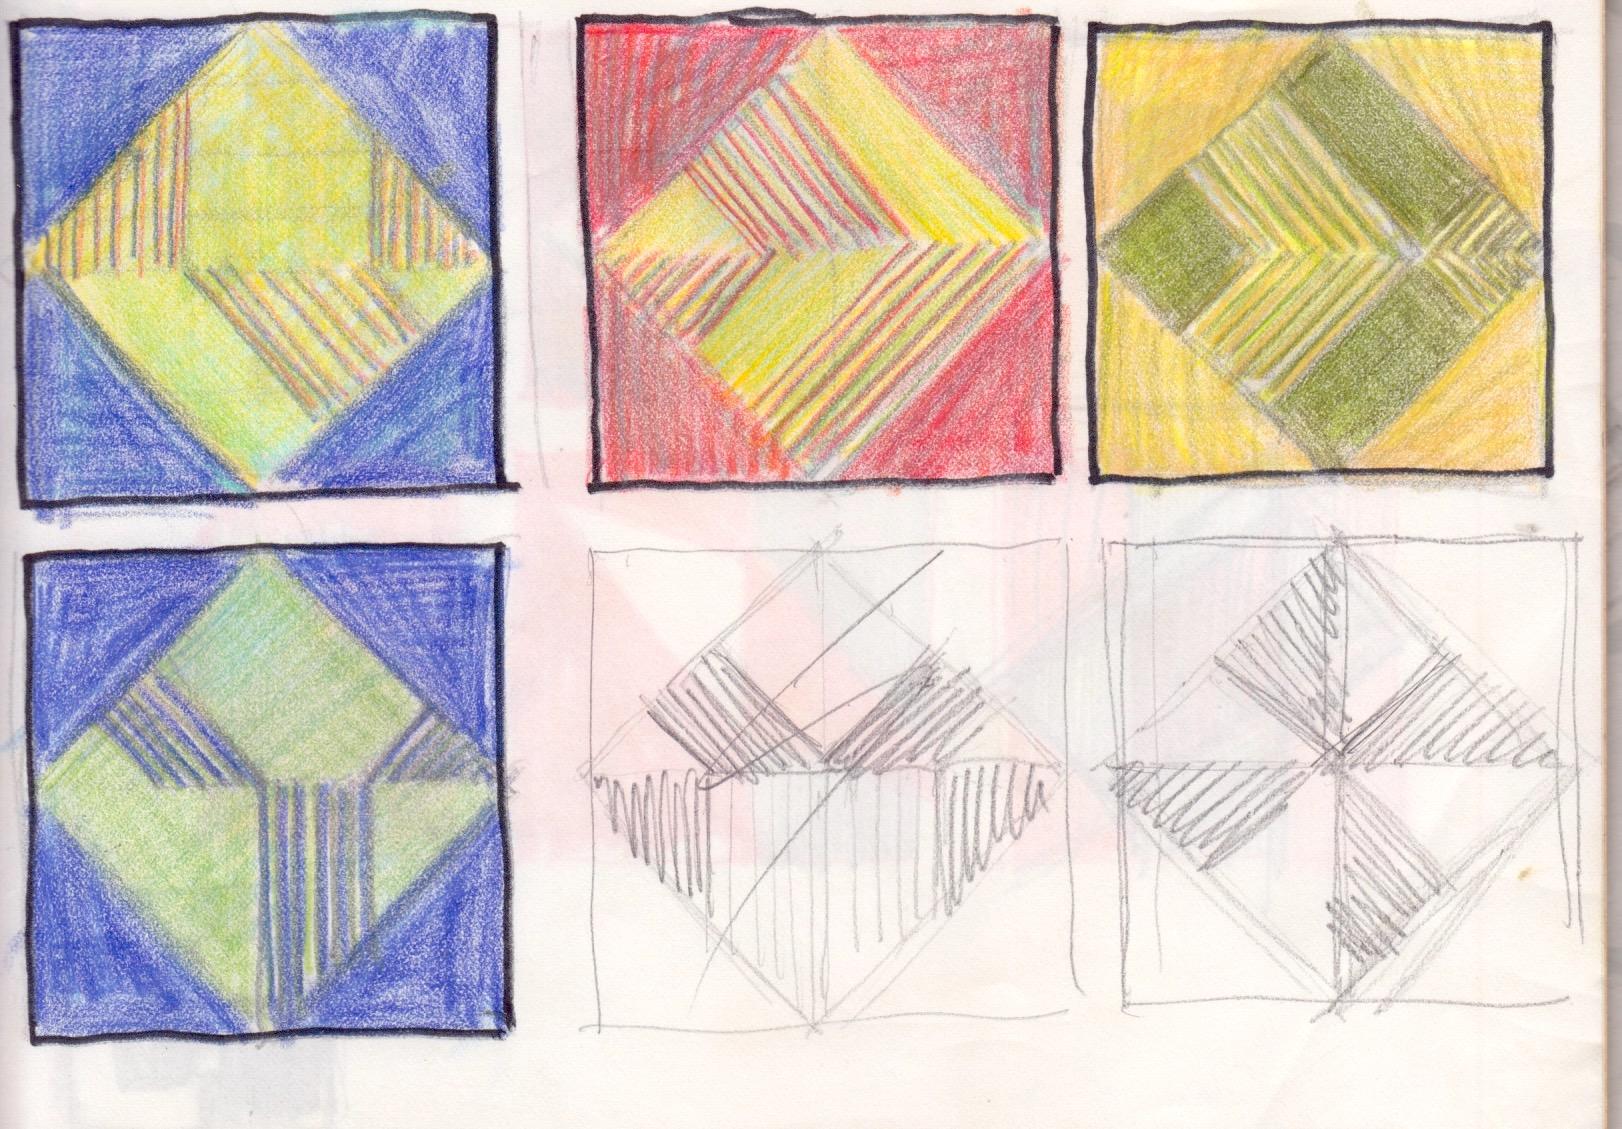 Entwurf Formen ca. 1983